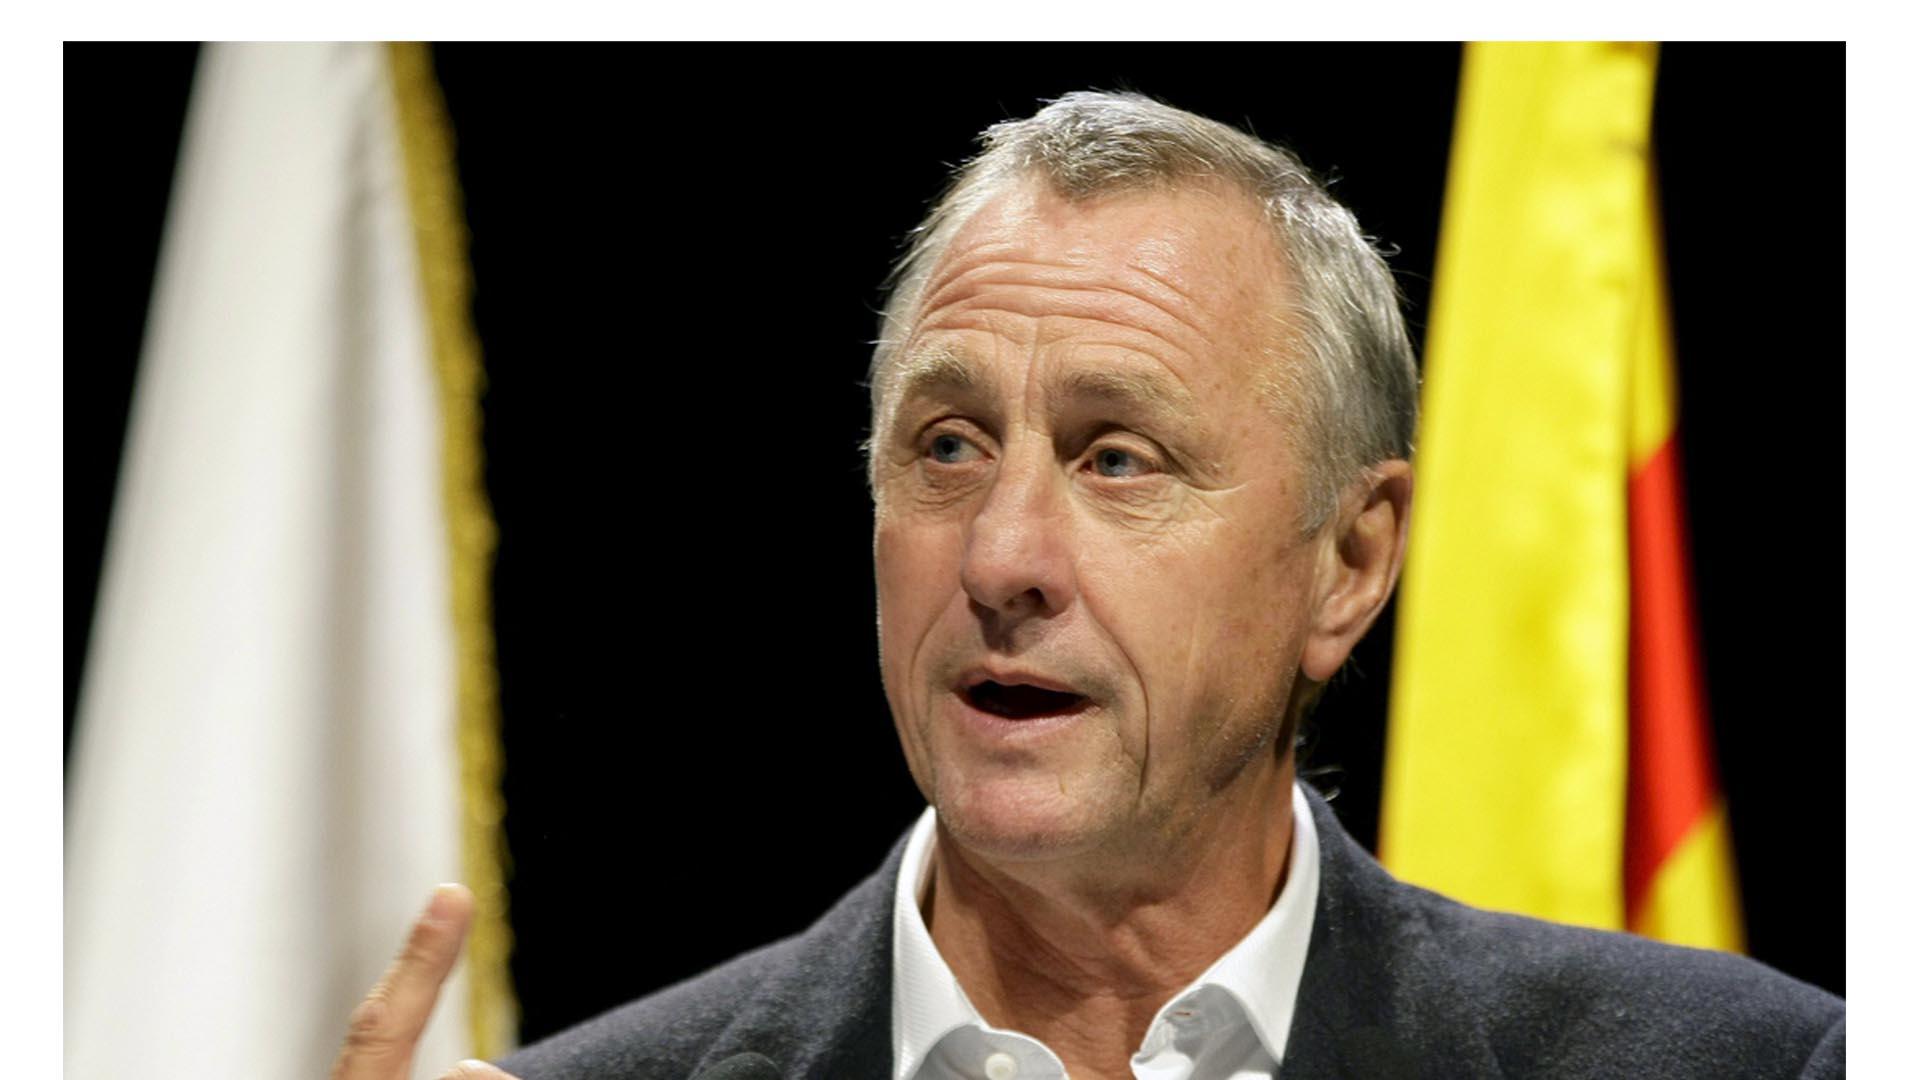 El legendario jugador y entrenador murió a causa de un cáncer de pulmón a los 68 años